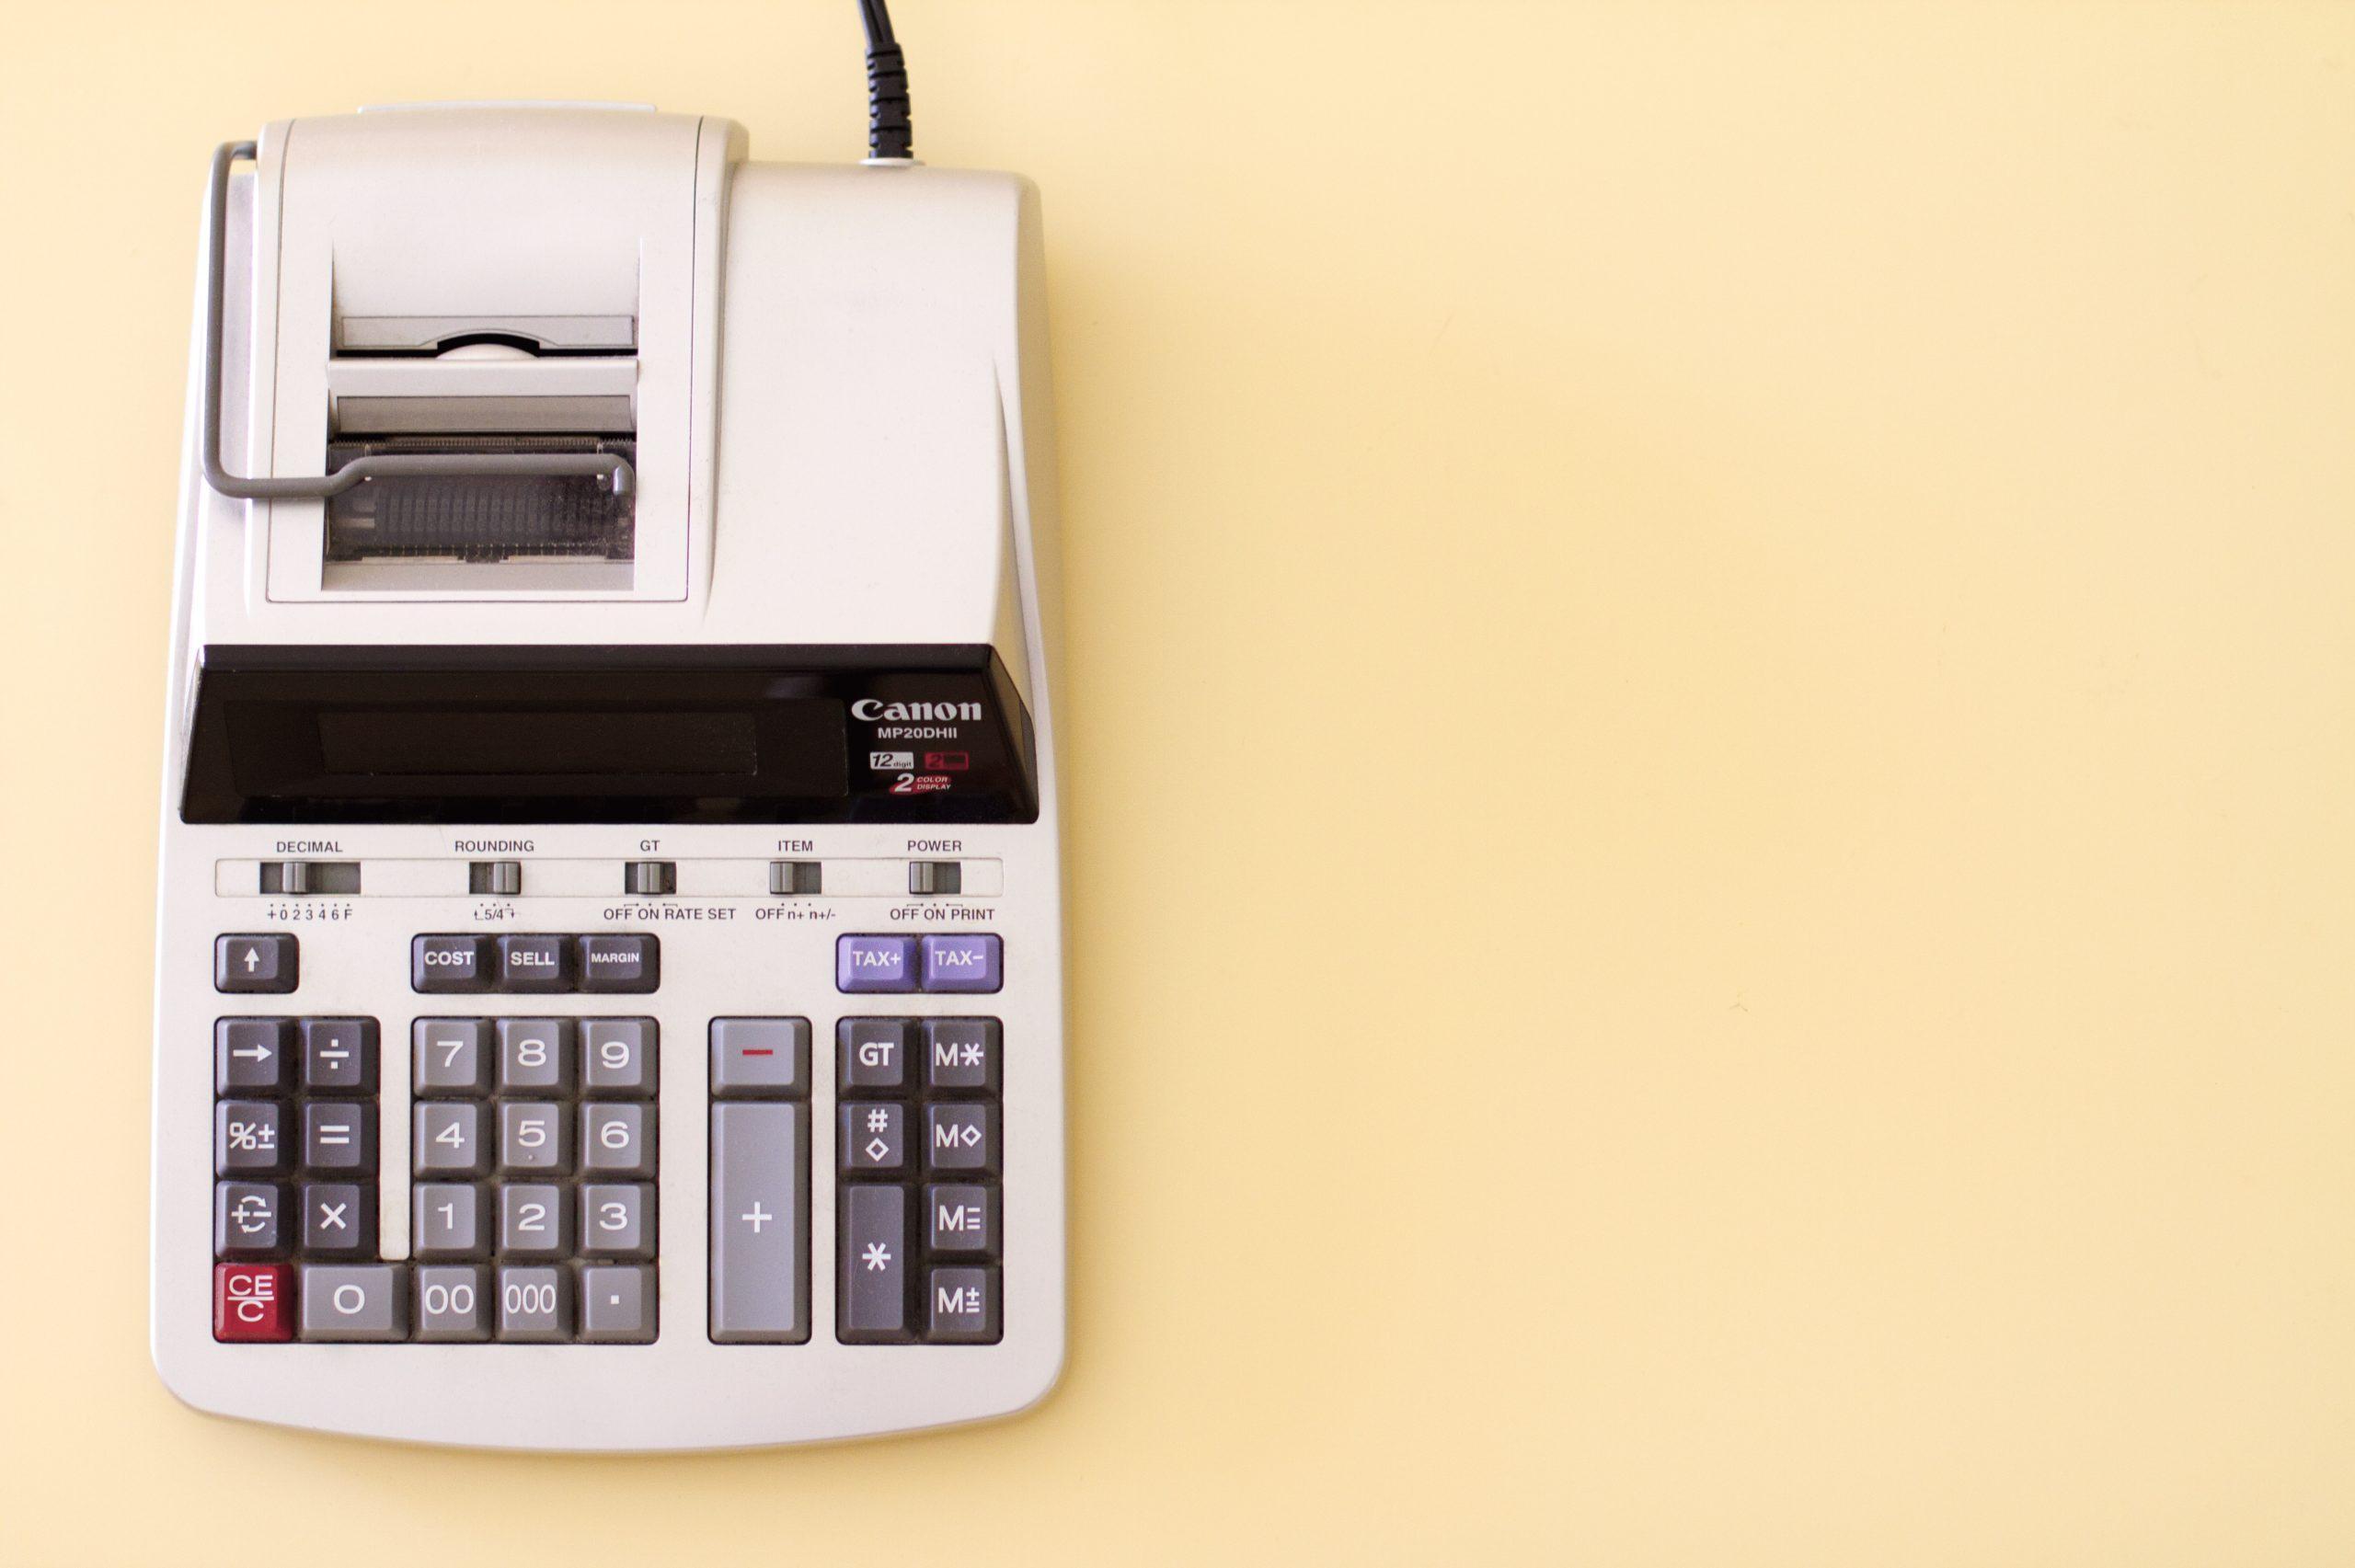 isle of man tax calculator